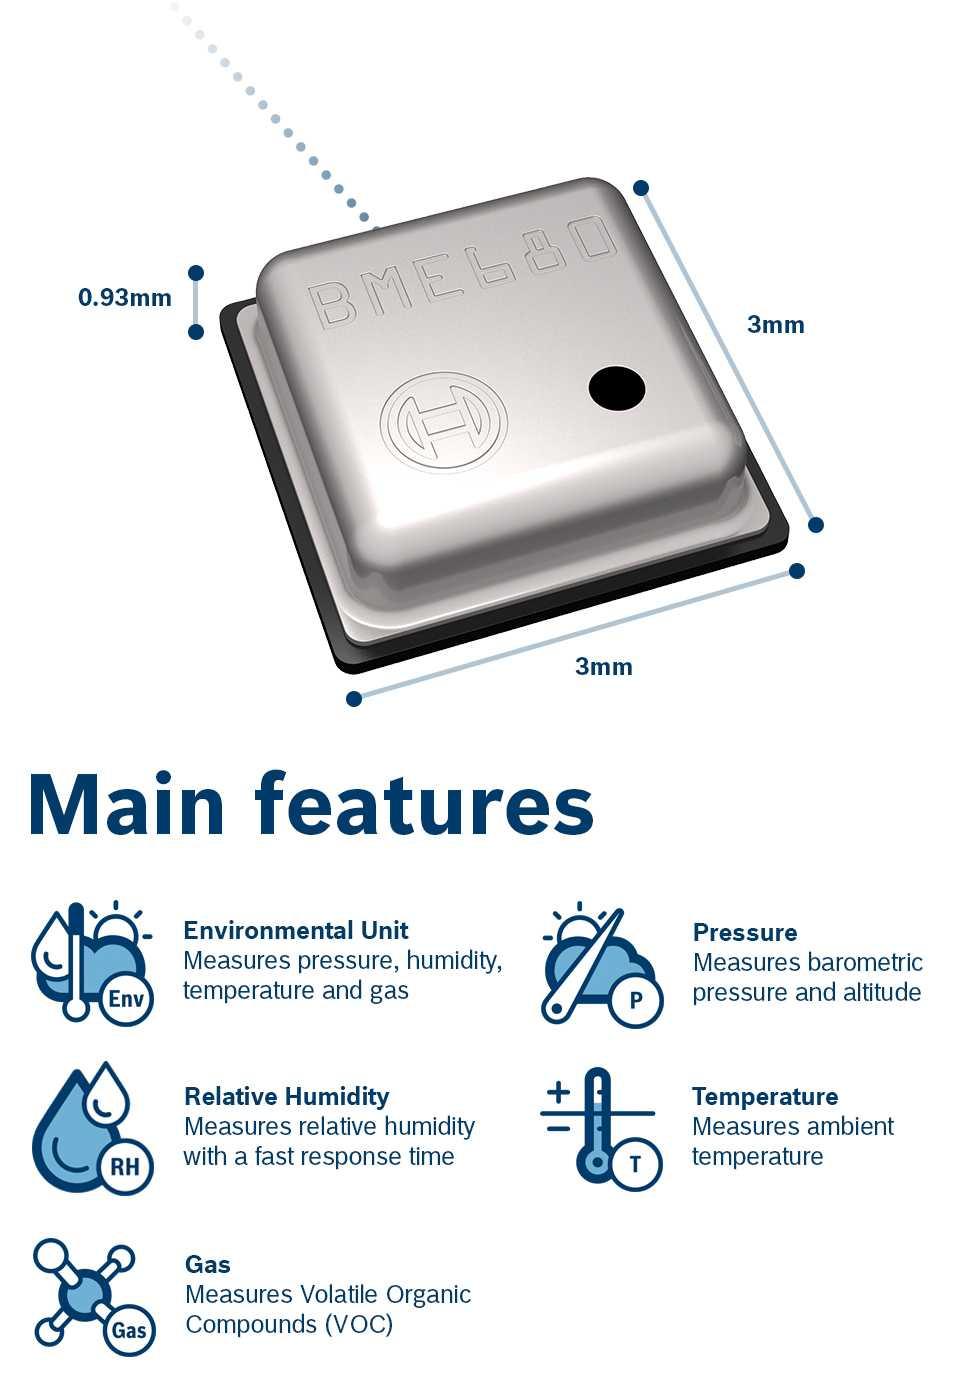 Der Sensor BME680 misst verschiedene Umweltgrößen